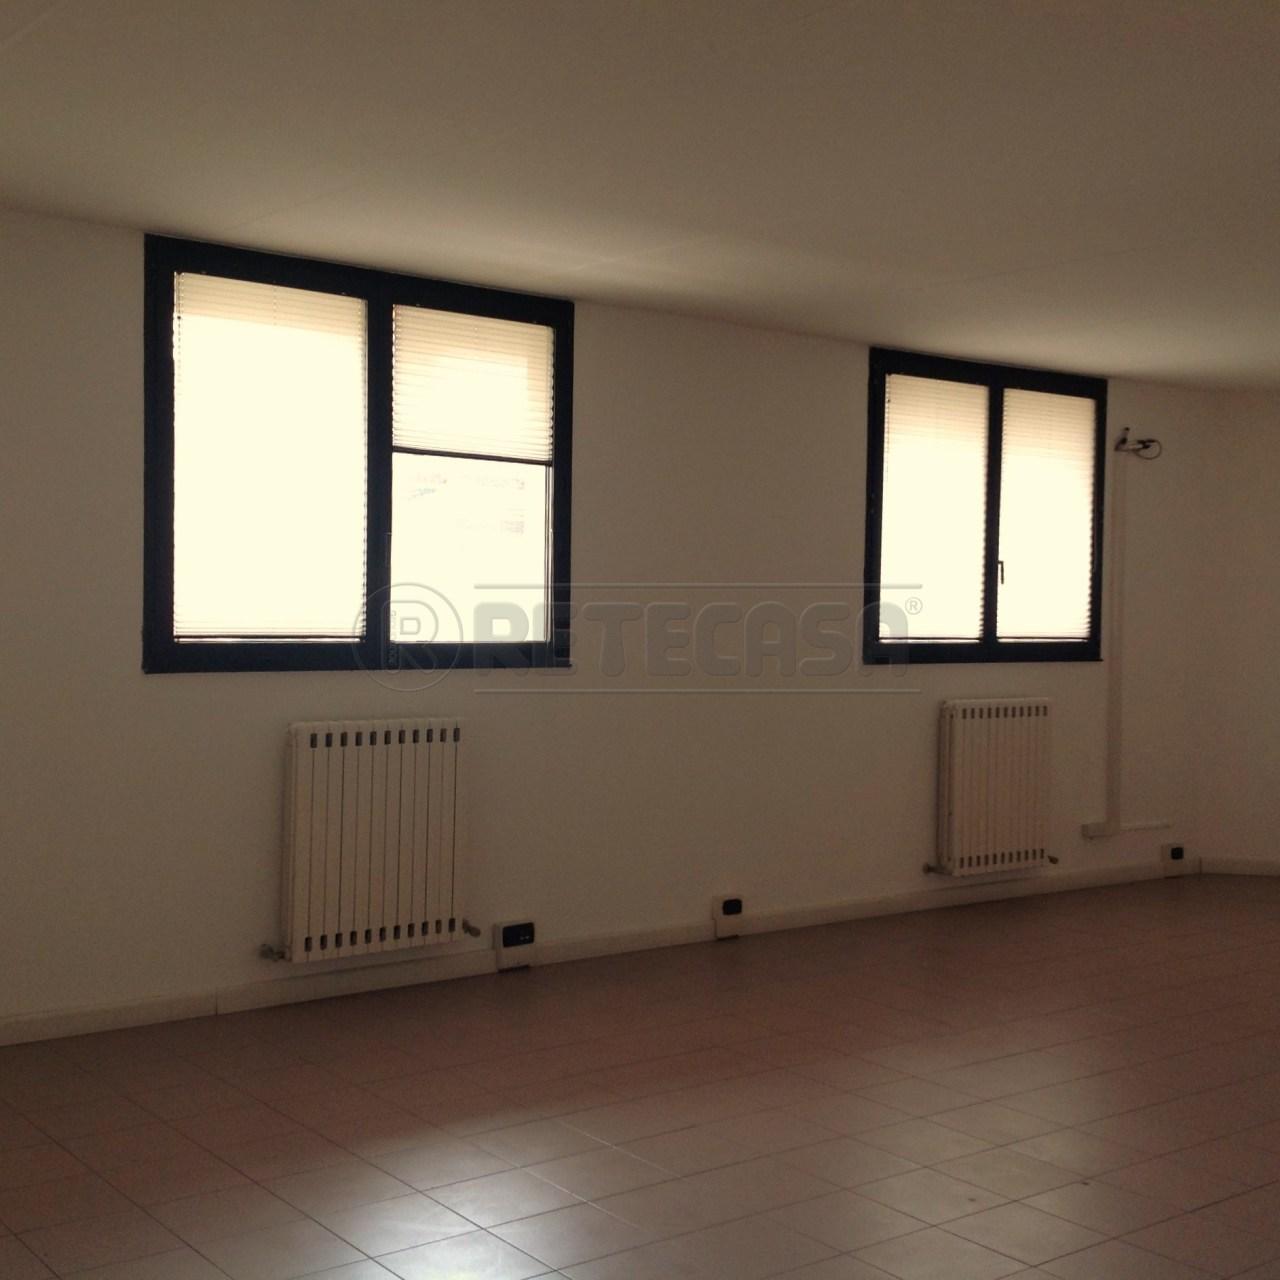 Laboratorio - Commerciale-Artigianale a MORTISE, Padova Rif. 10048736